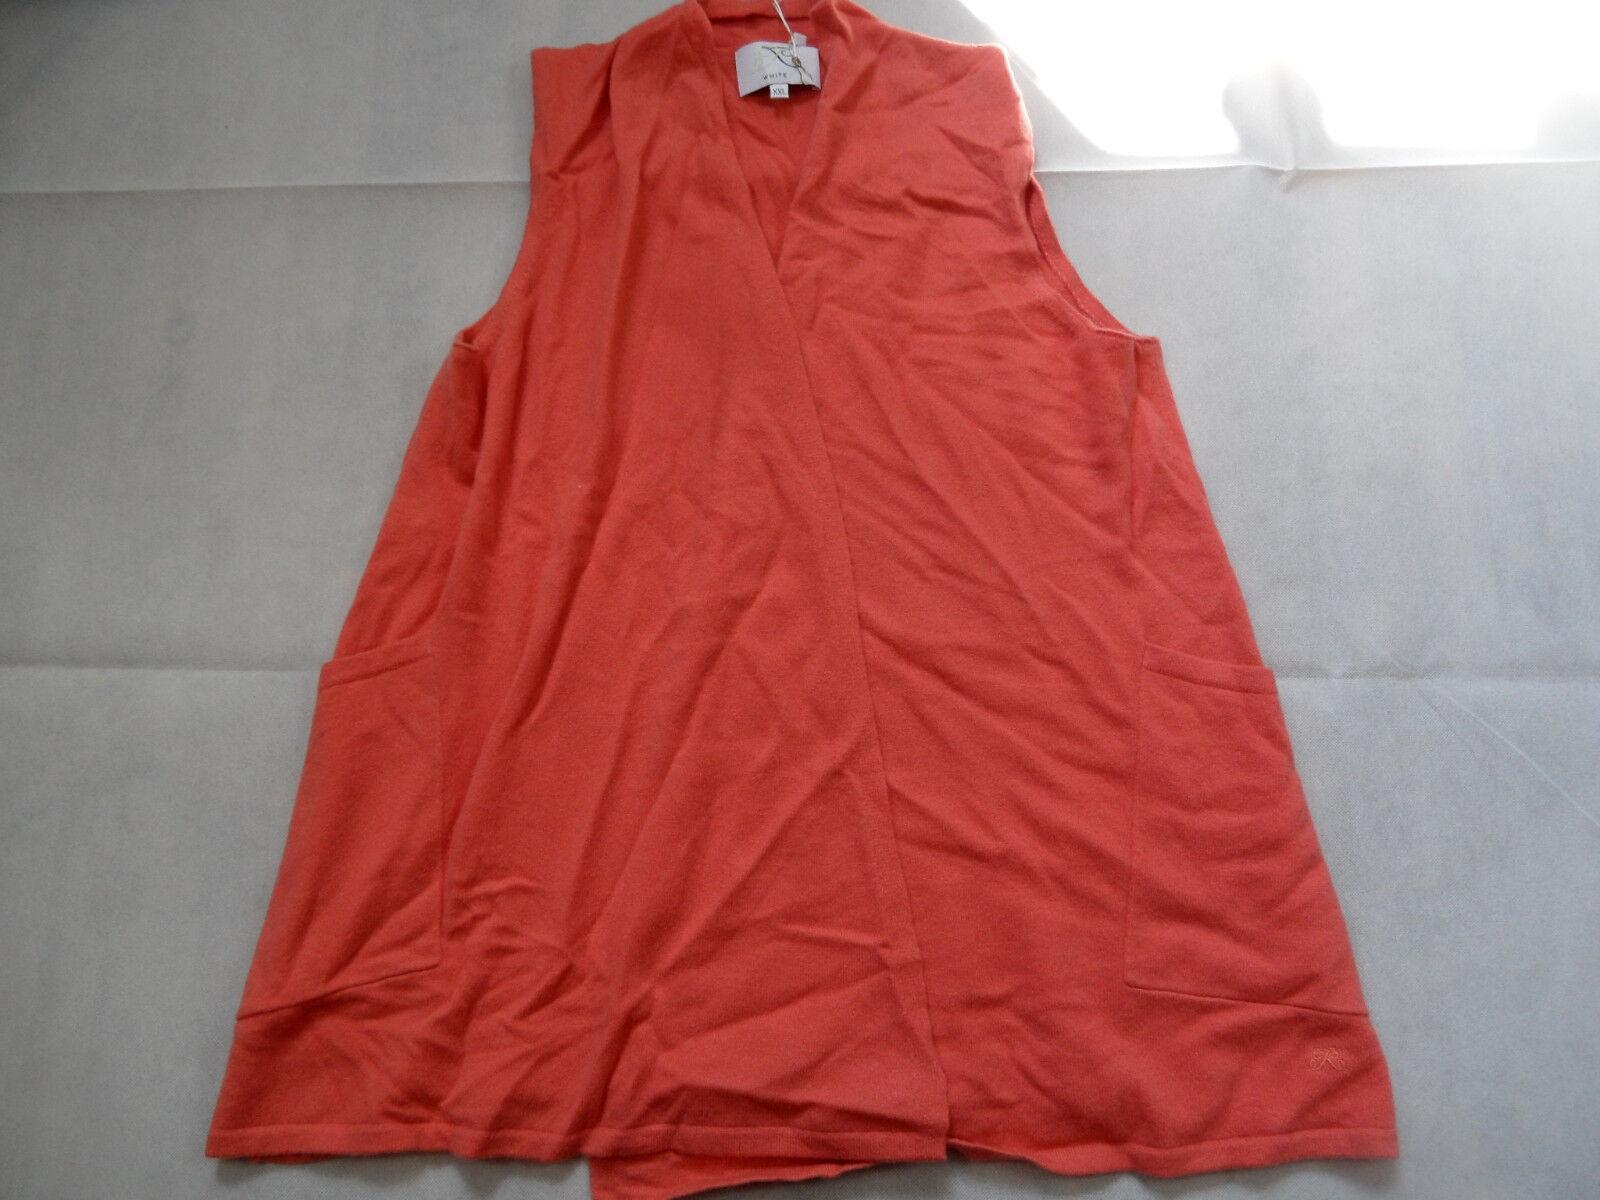 bianca T bella di alta qualità Kashmir Gilet arancia 2 fädig TG. XXL nuovo bi618